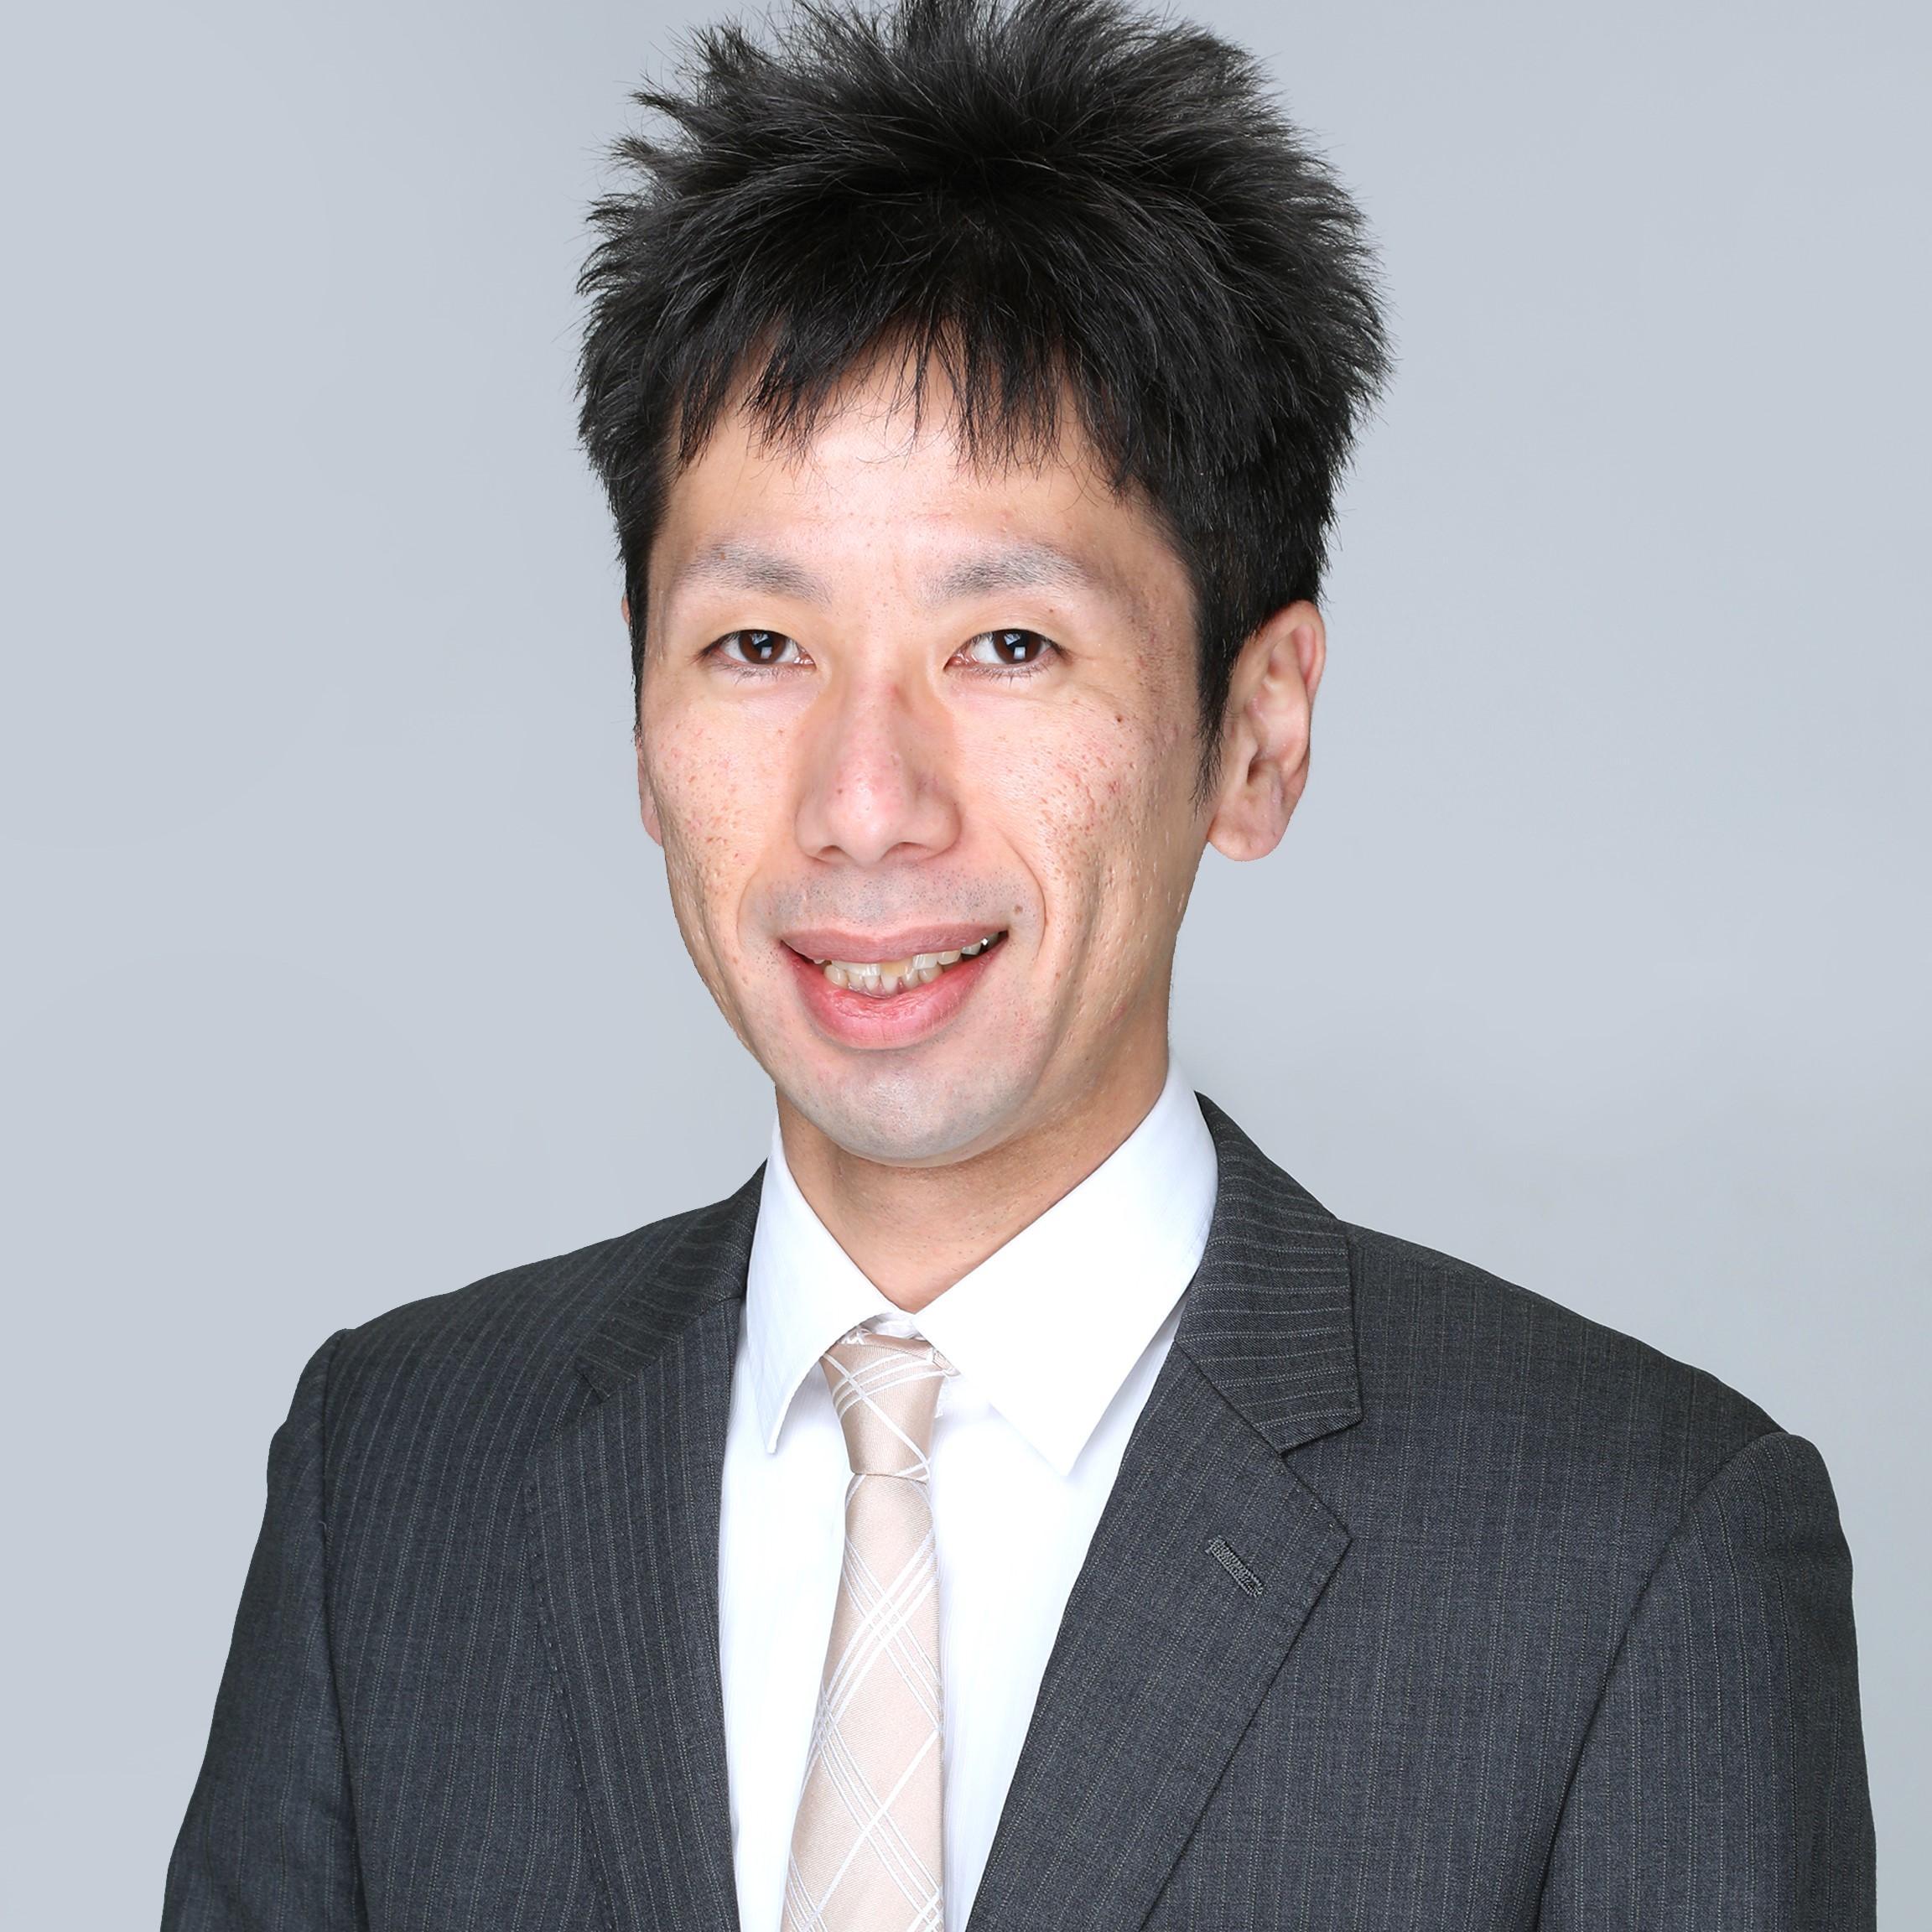 Hiroshi Tsuruoka